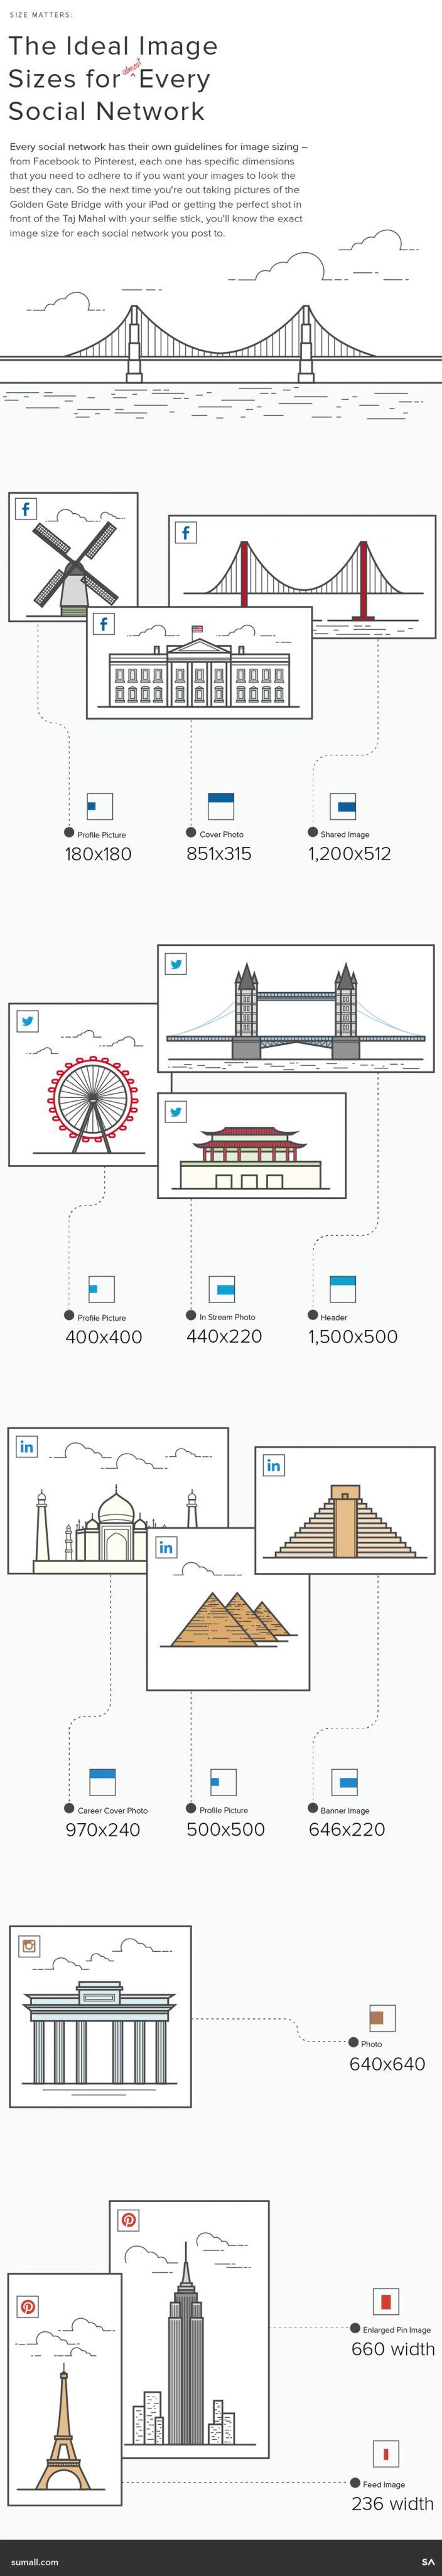 Una infografía que nos muestra los diferentes tamaños de imágenes en redes sociales. Sin duda te servirá para cuando publiques el contenido de tu campaña.